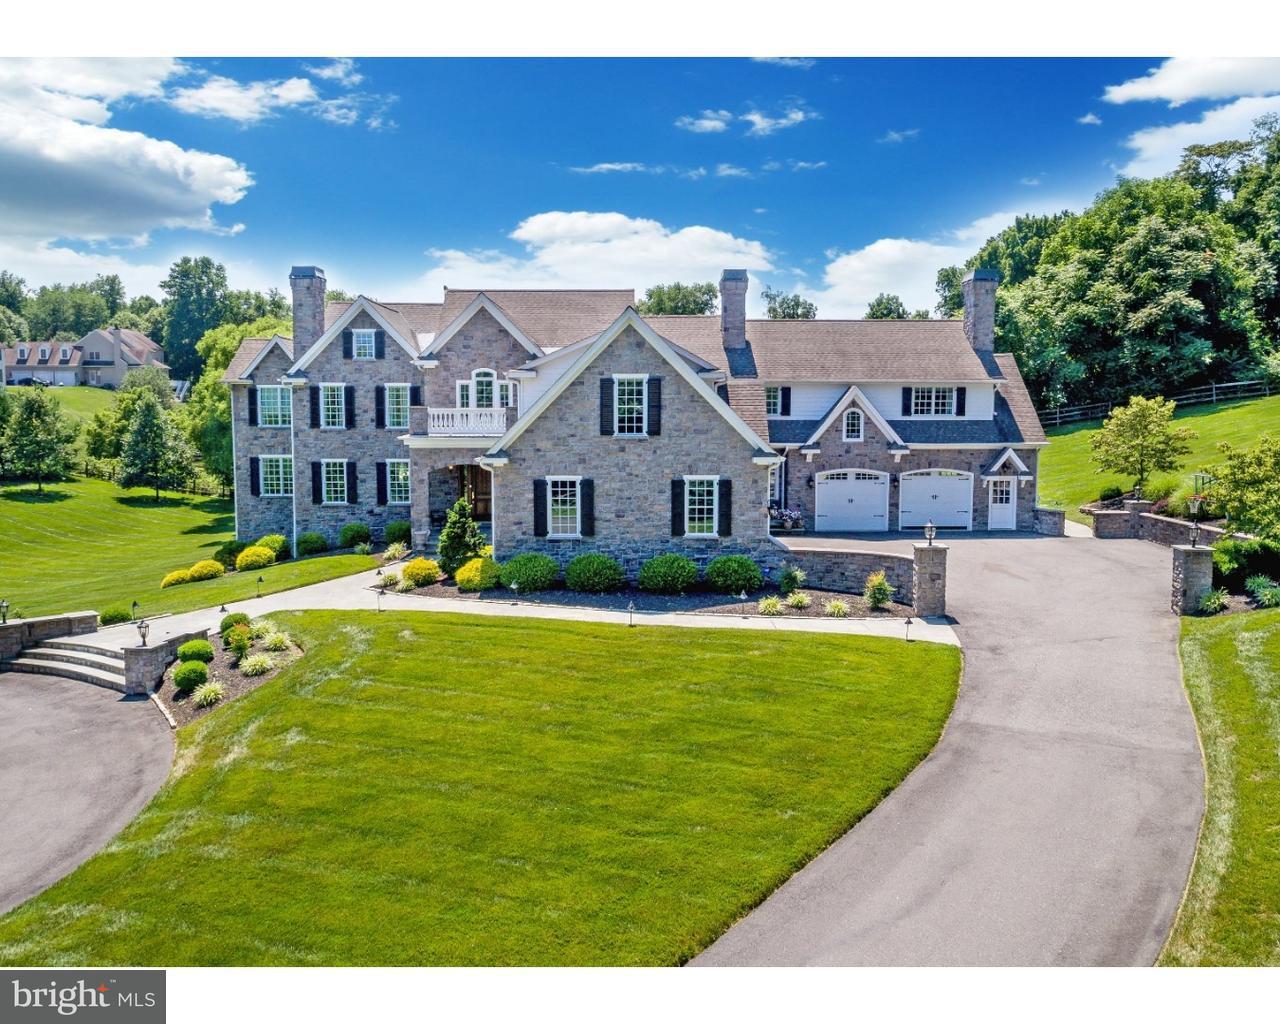 Частный односемейный дом для того Продажа на 108 PENNFIELD Drive Kennett Square, Пенсильвания 19348 Соединенные Штаты